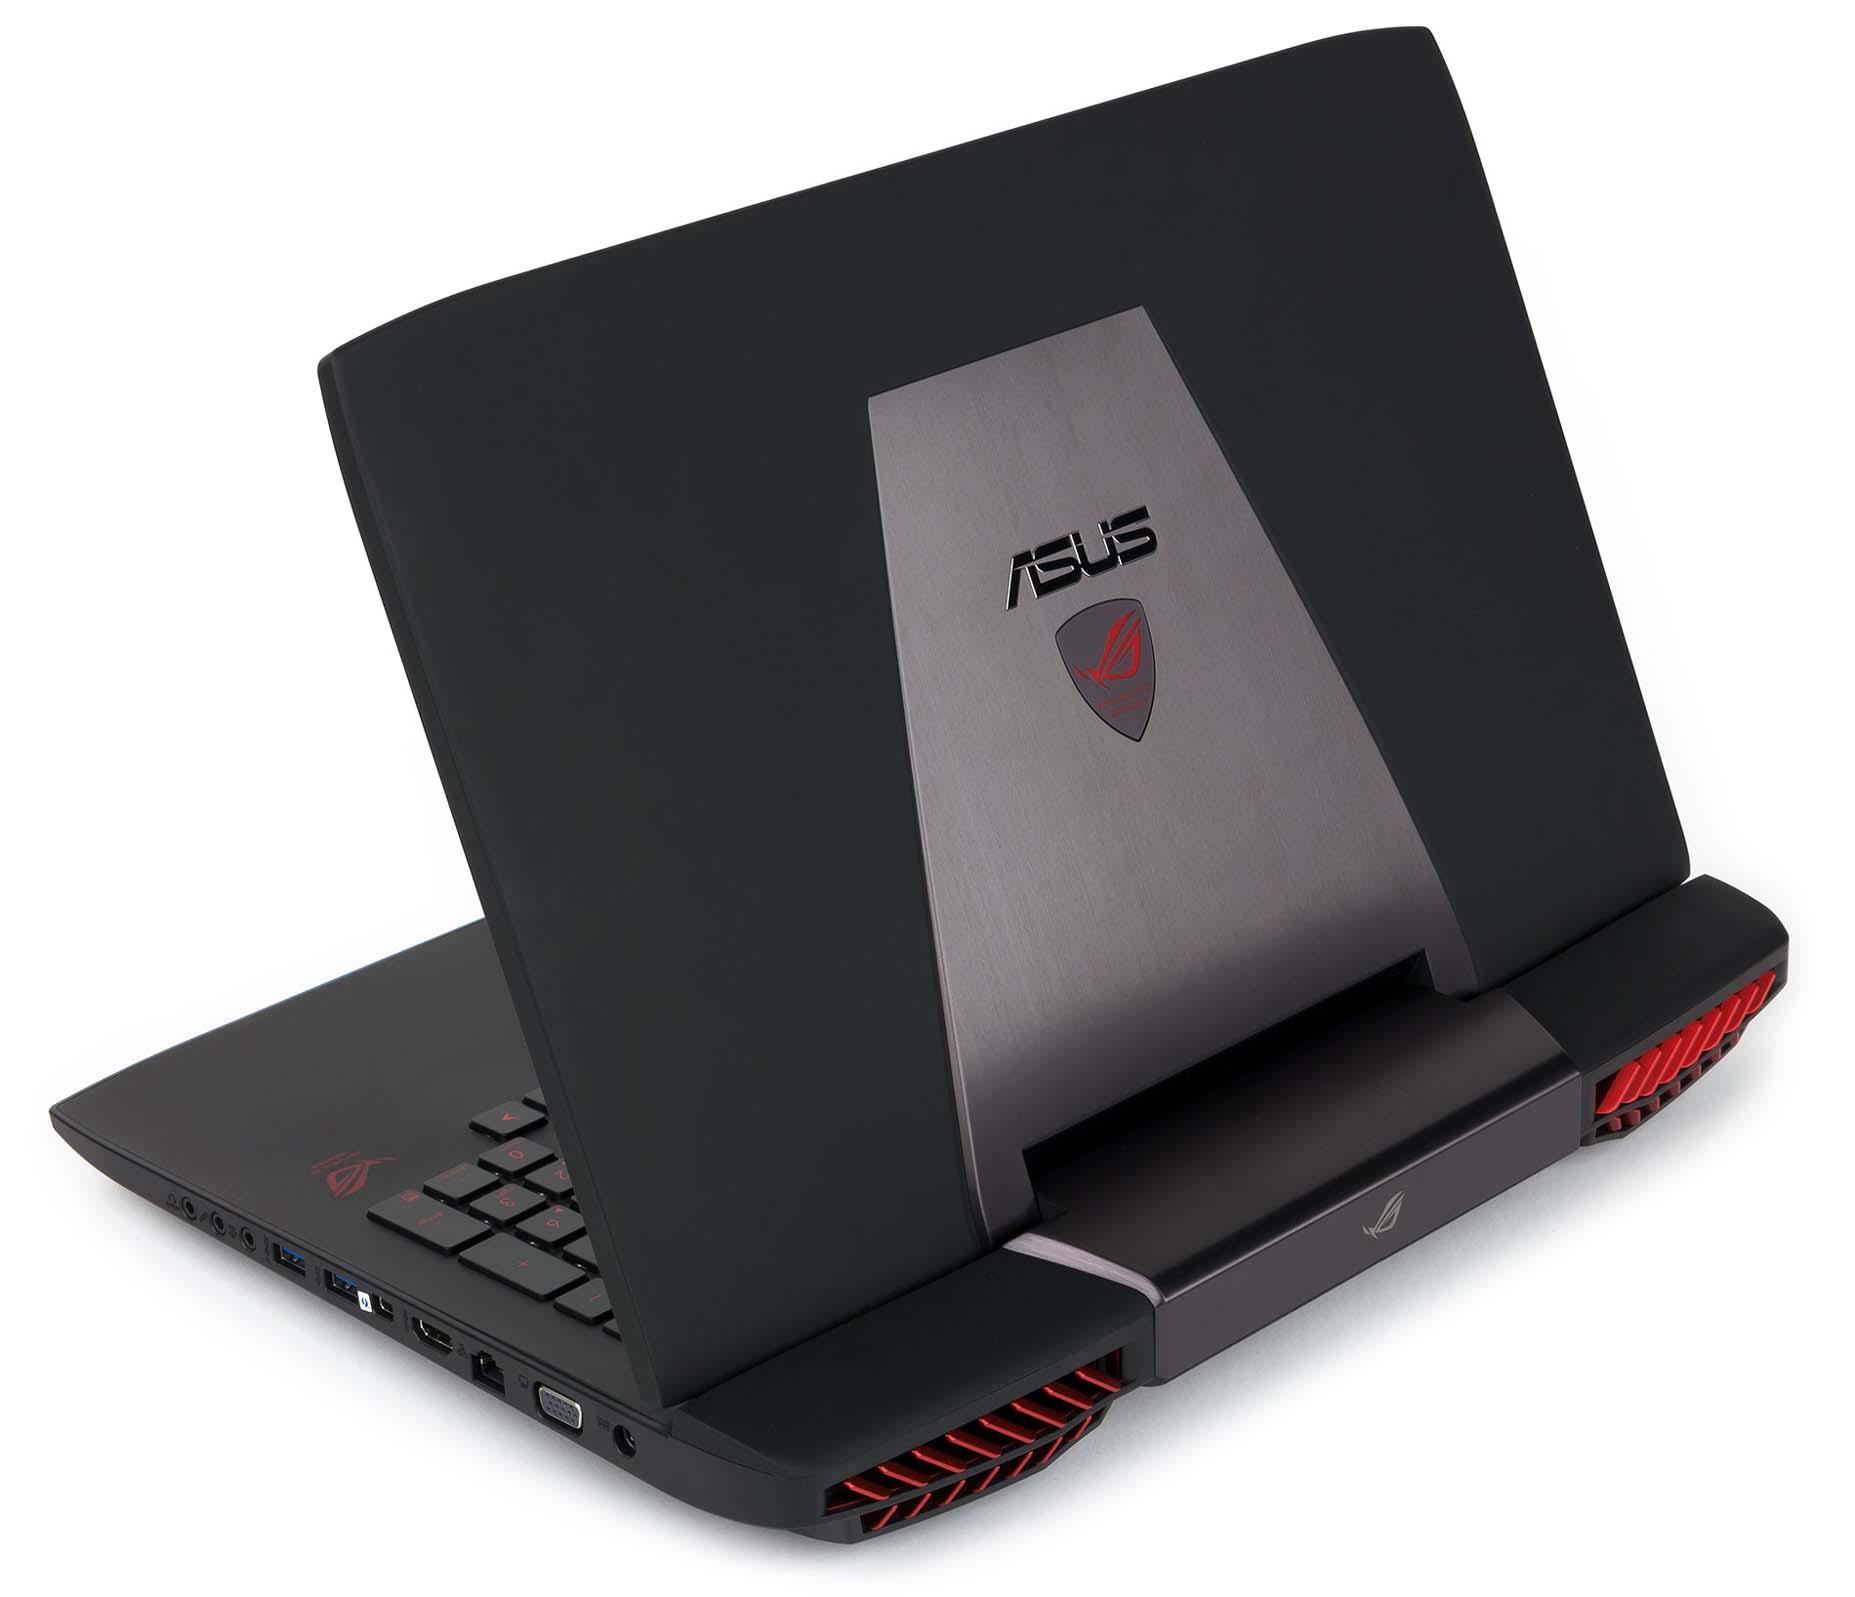 Harga Asus Rog G751jy Laptop Gamers Core I7 8gb 1tb Win8